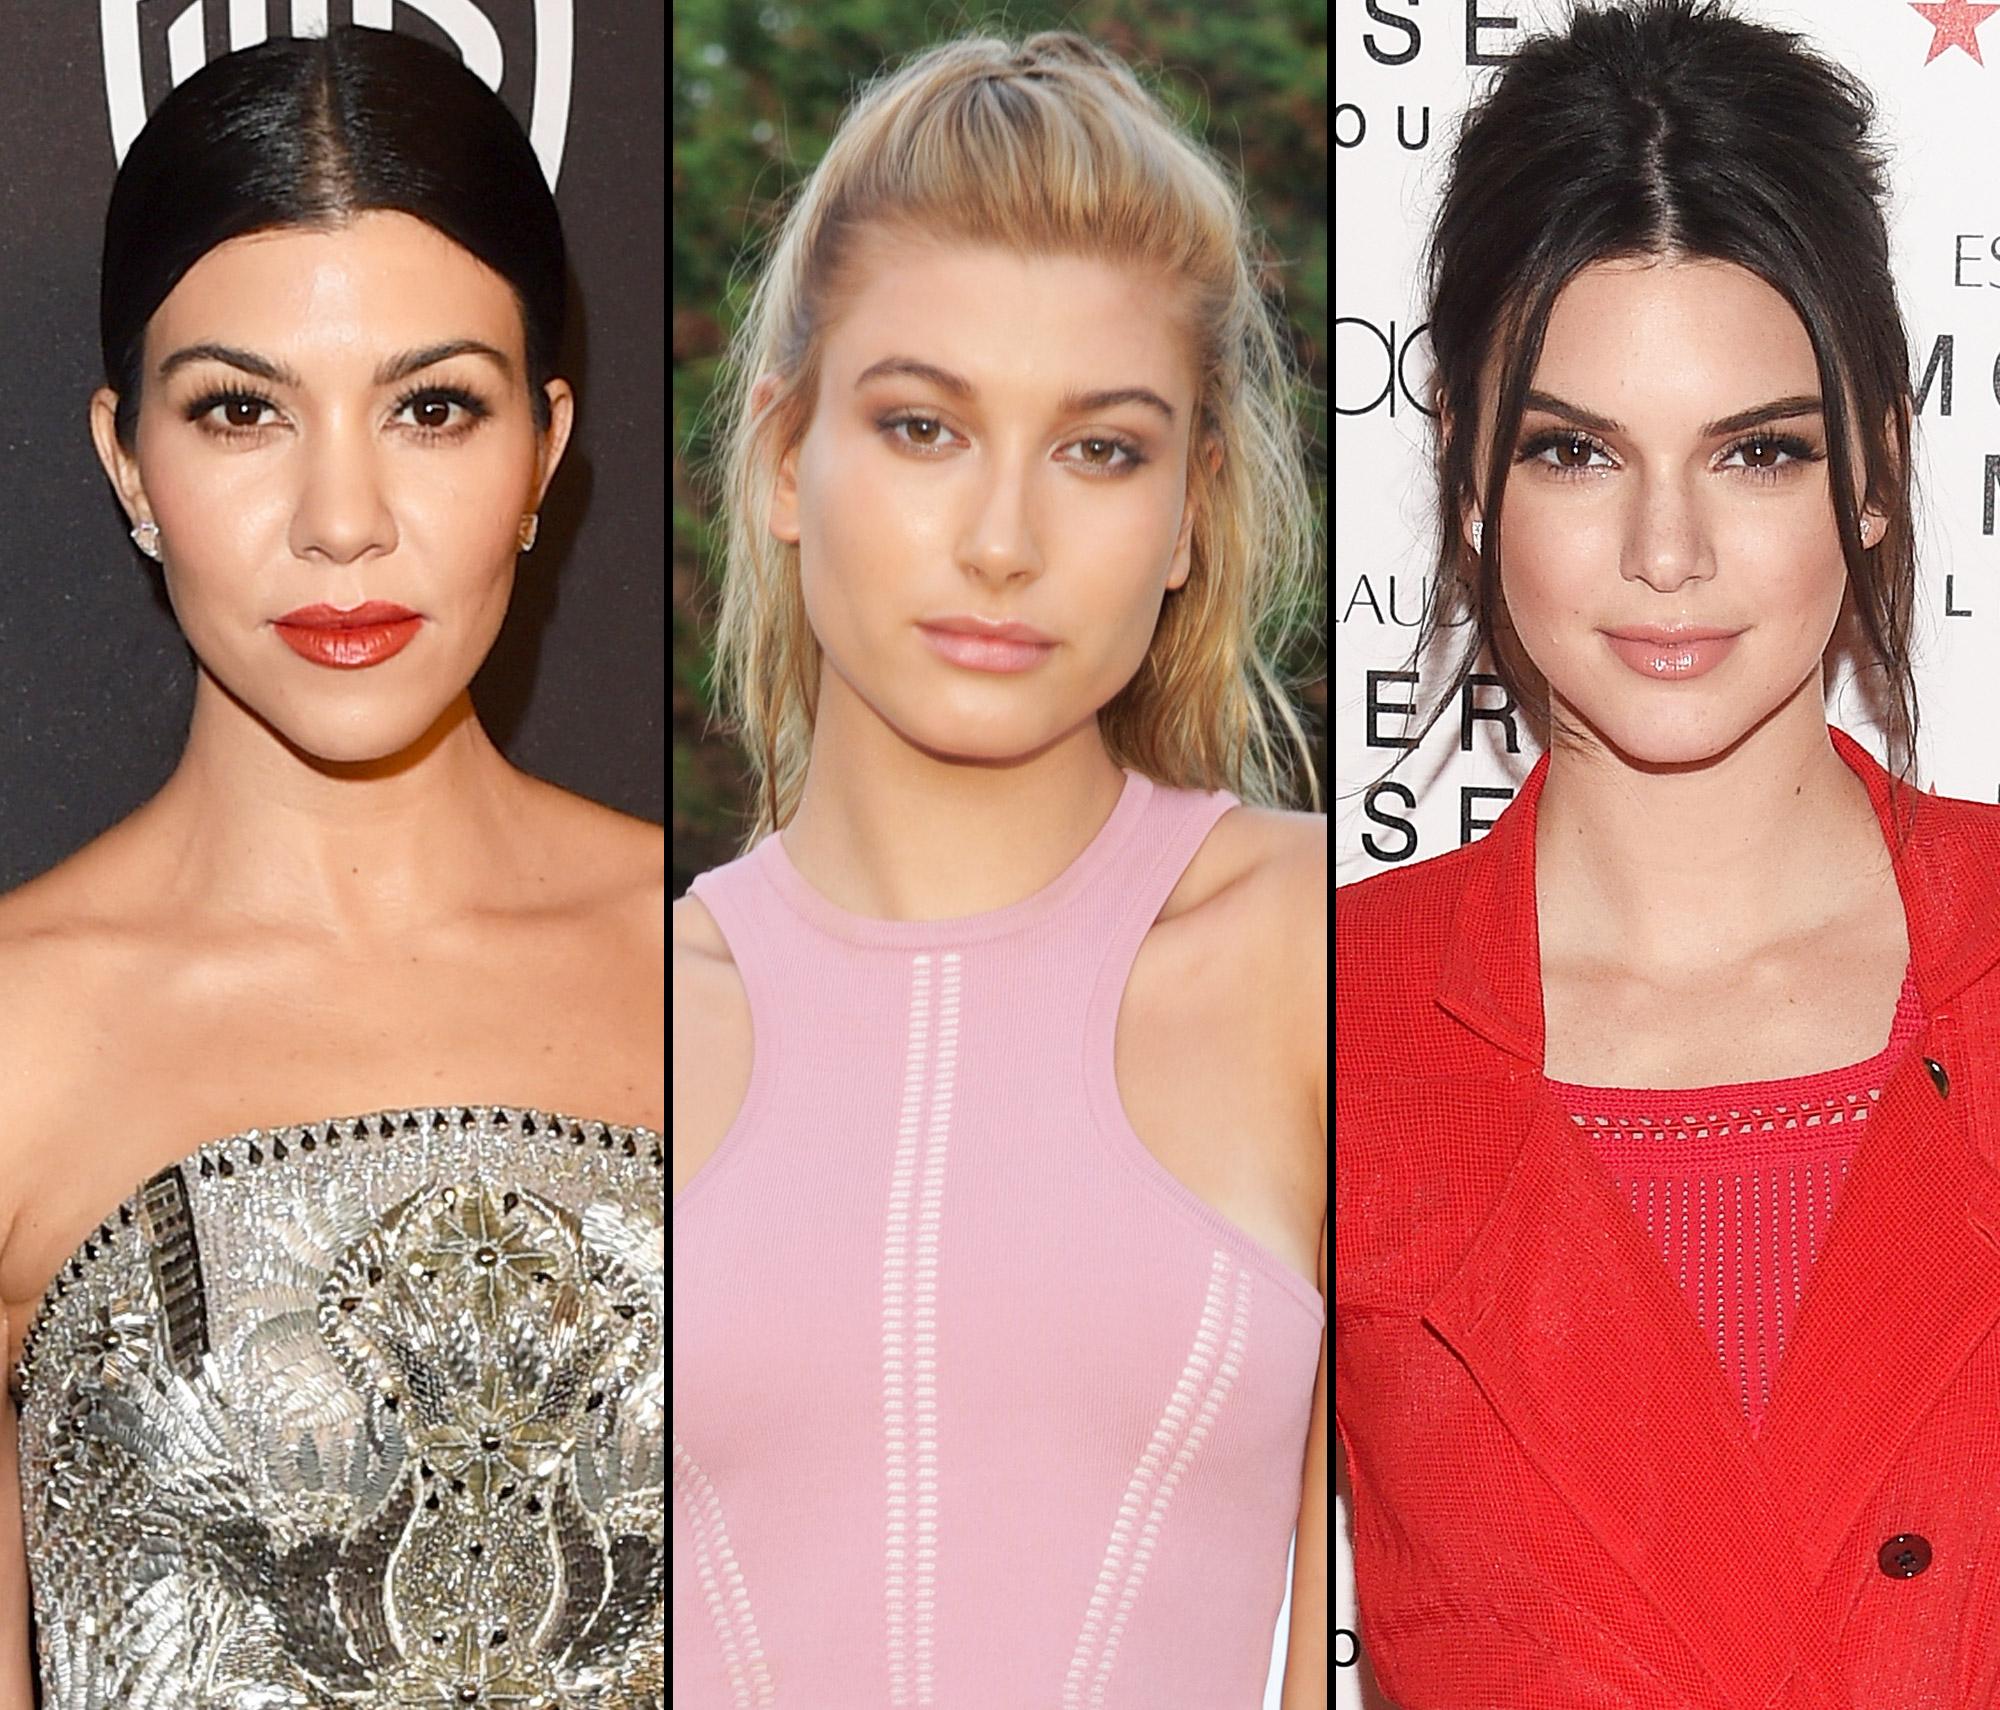 Kourtney Kardashian, Hailey Baldwin and Kendall Jenner